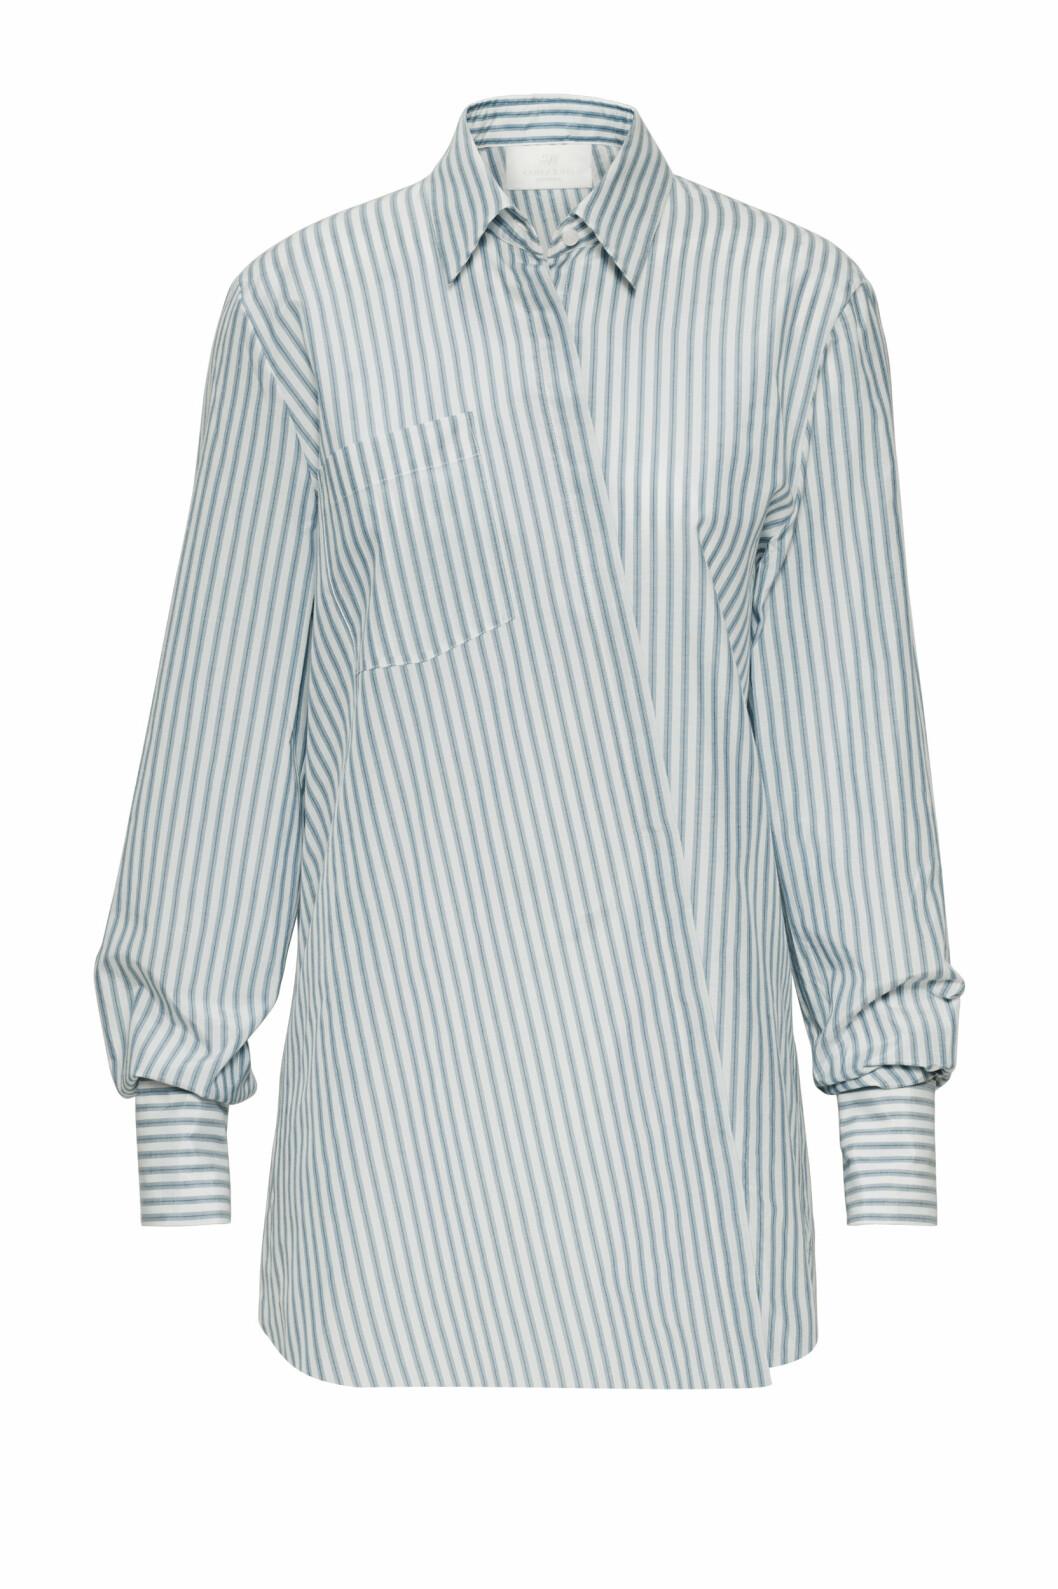 Skjorte, kr 499 Foto: Produsenten